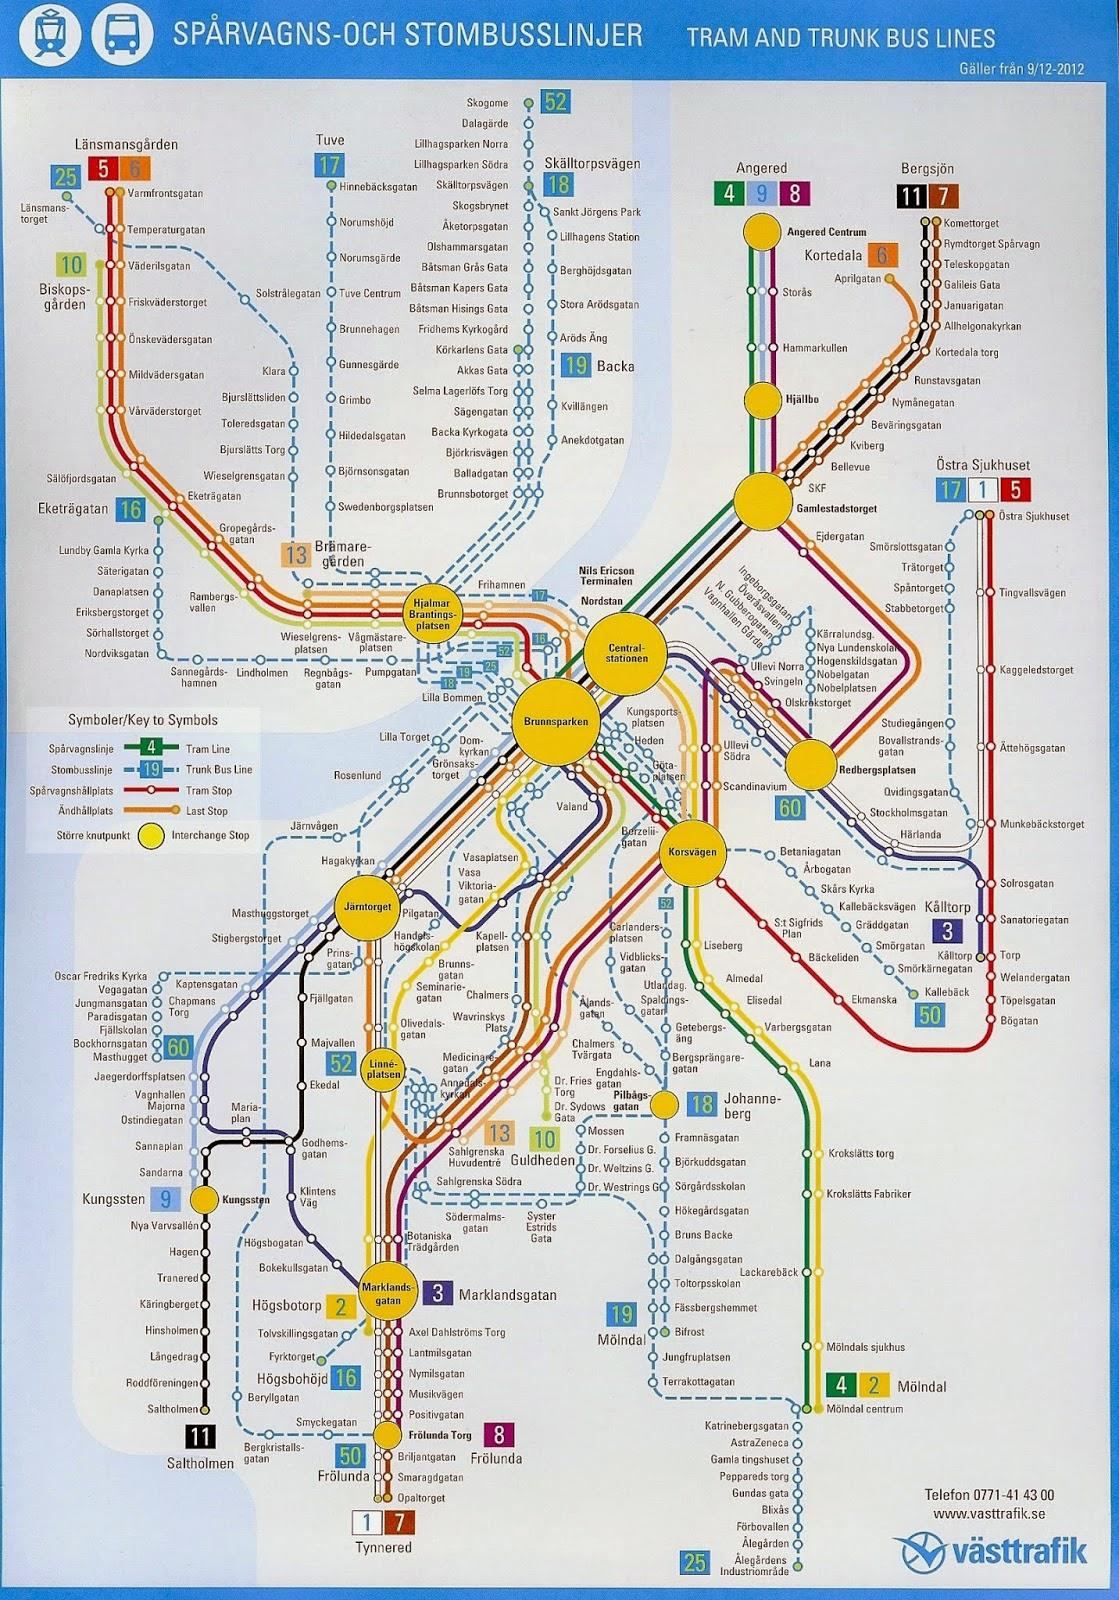 karta spårvagnslinjer göteborg Spårvagn götebkarta – Rusta vikvägg karta spårvagnslinjer göteborg